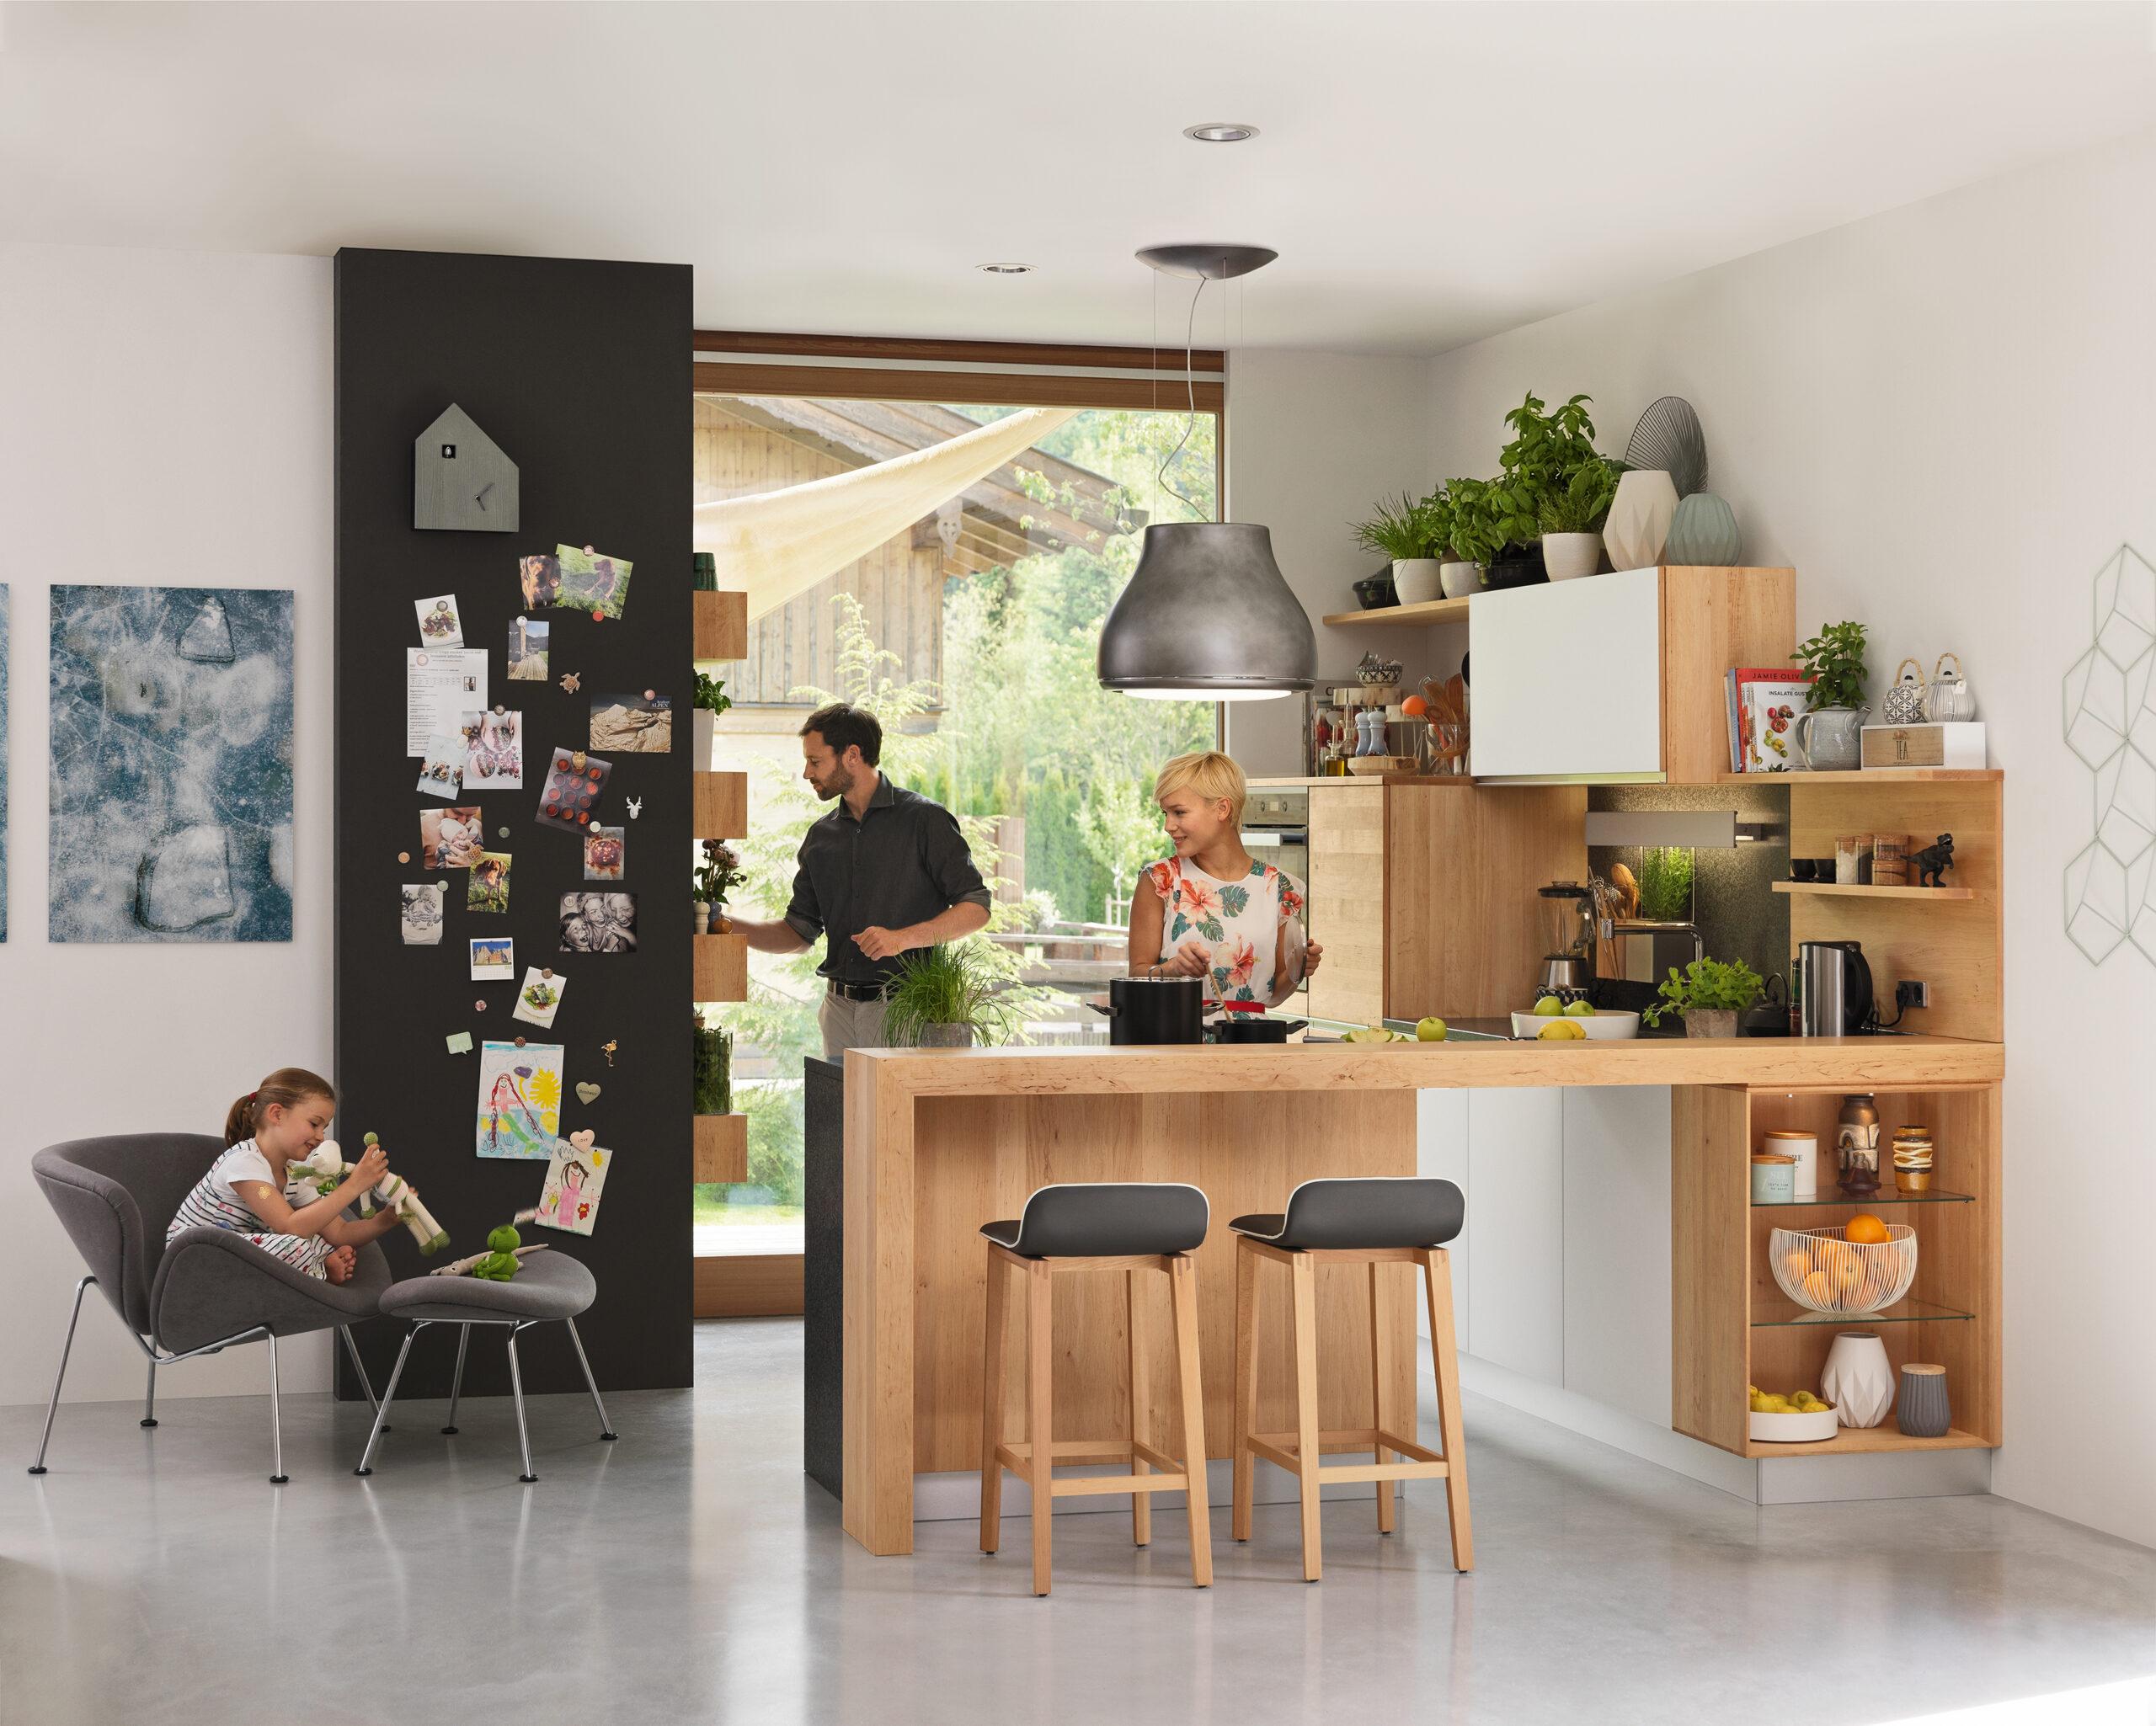 Full Size of Grtes Team 7 Studio In Mnchen Bei Weko Eching Betten Wohnzimmer Ausstellungsküchen Team 7